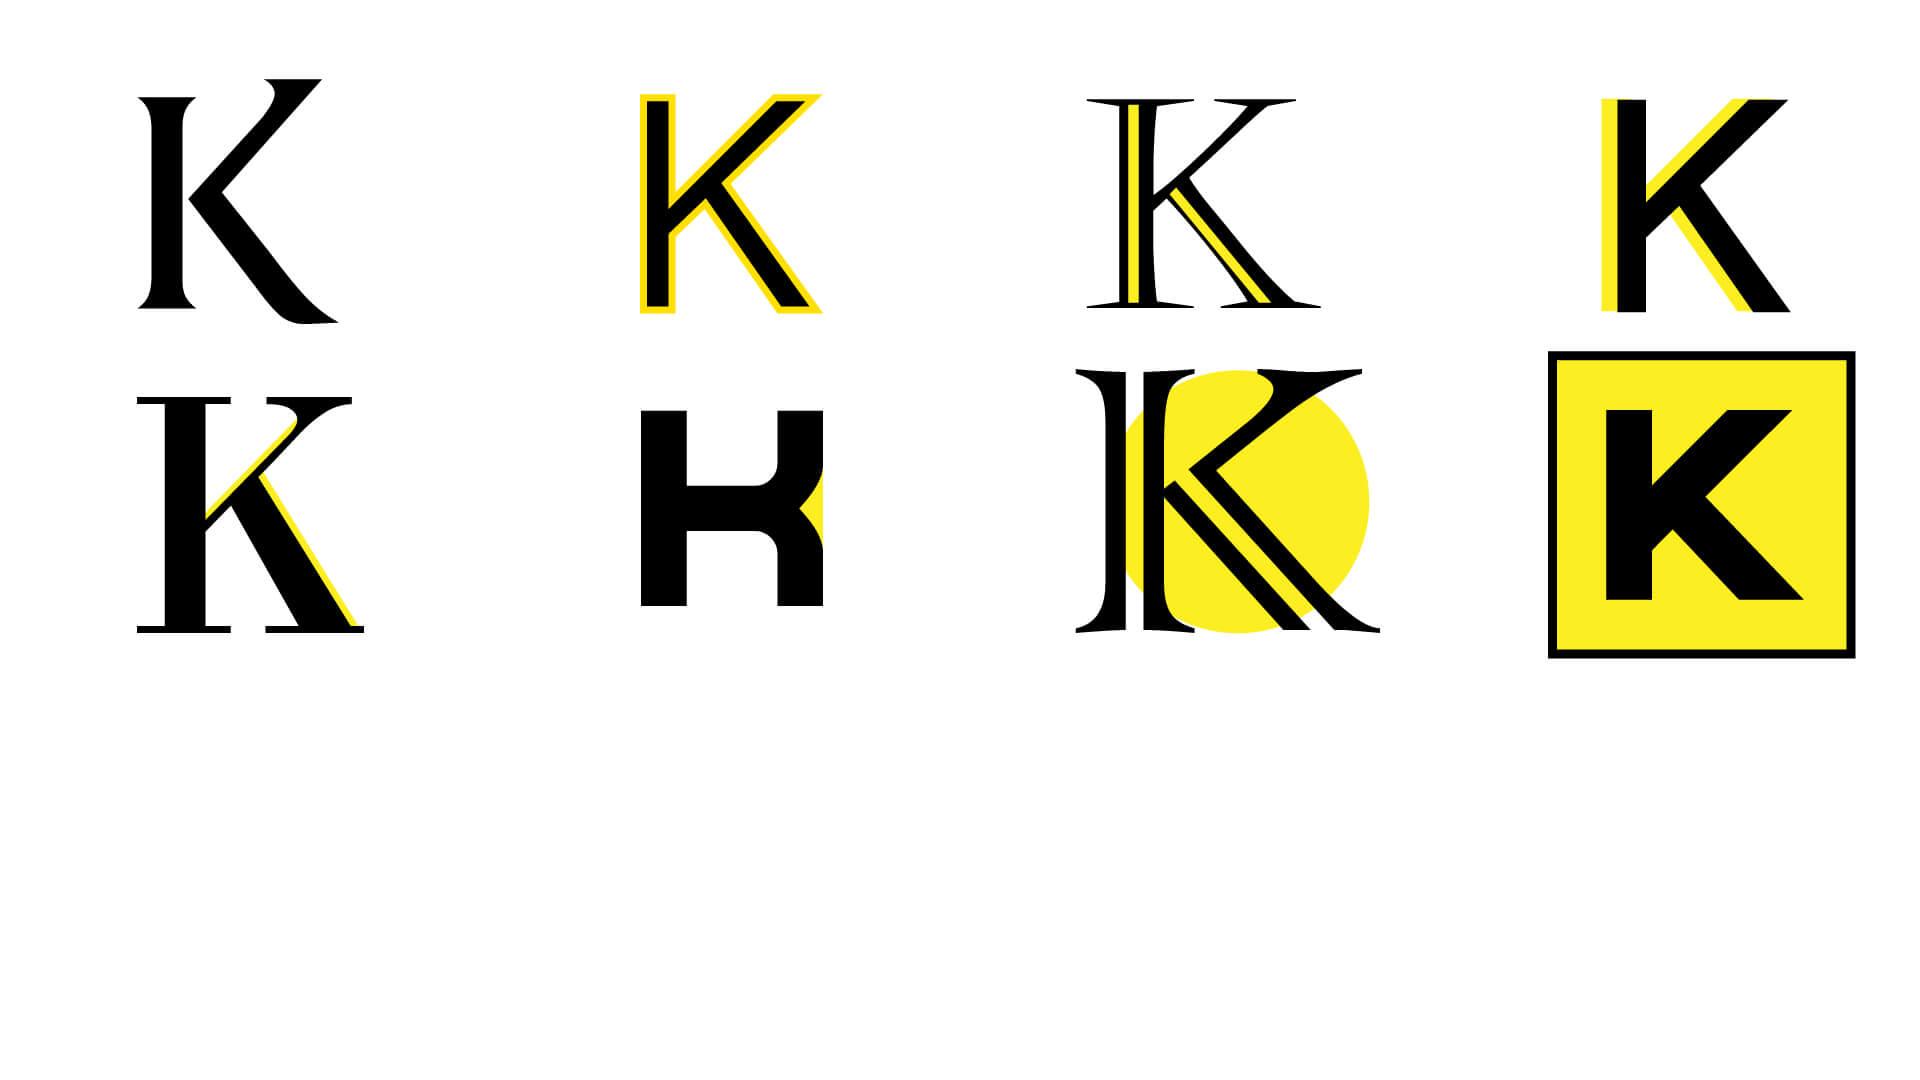 Логотип для юридической компании Константа (СПб) - 2020 год, вариант № 3